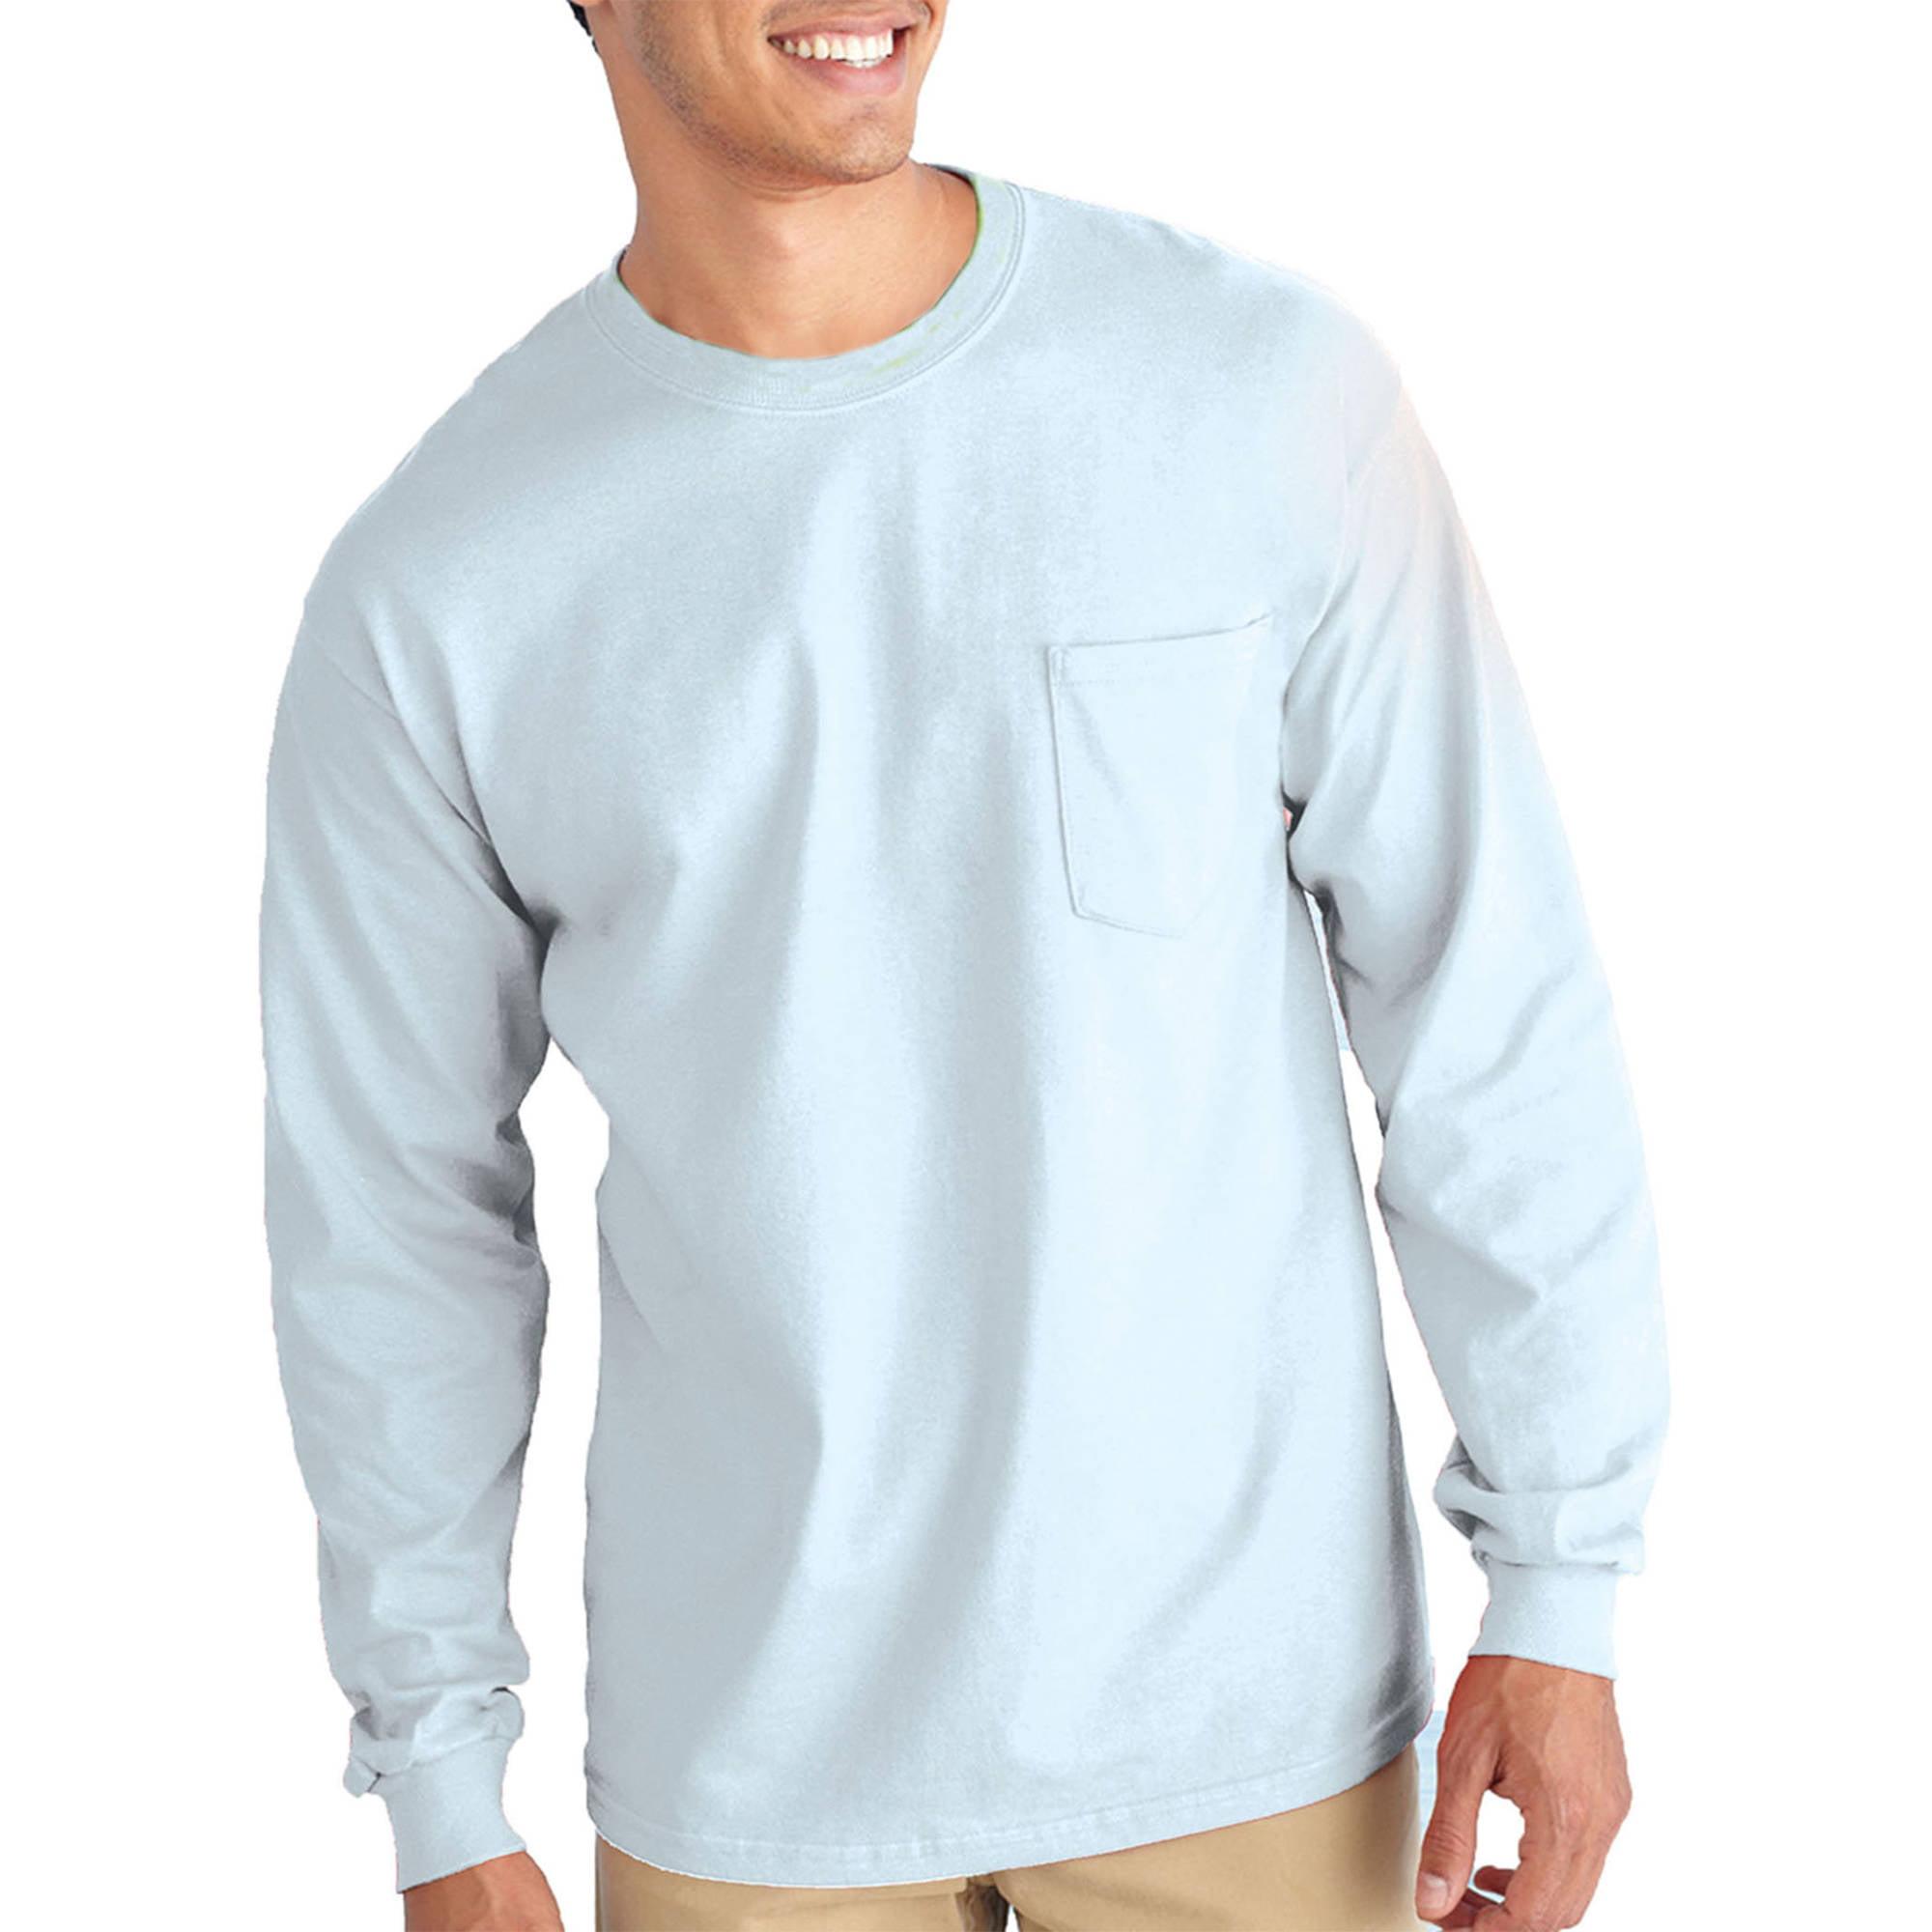 Mens long sleeve white t shirt custom shirt for Long sleeve custom t shirts